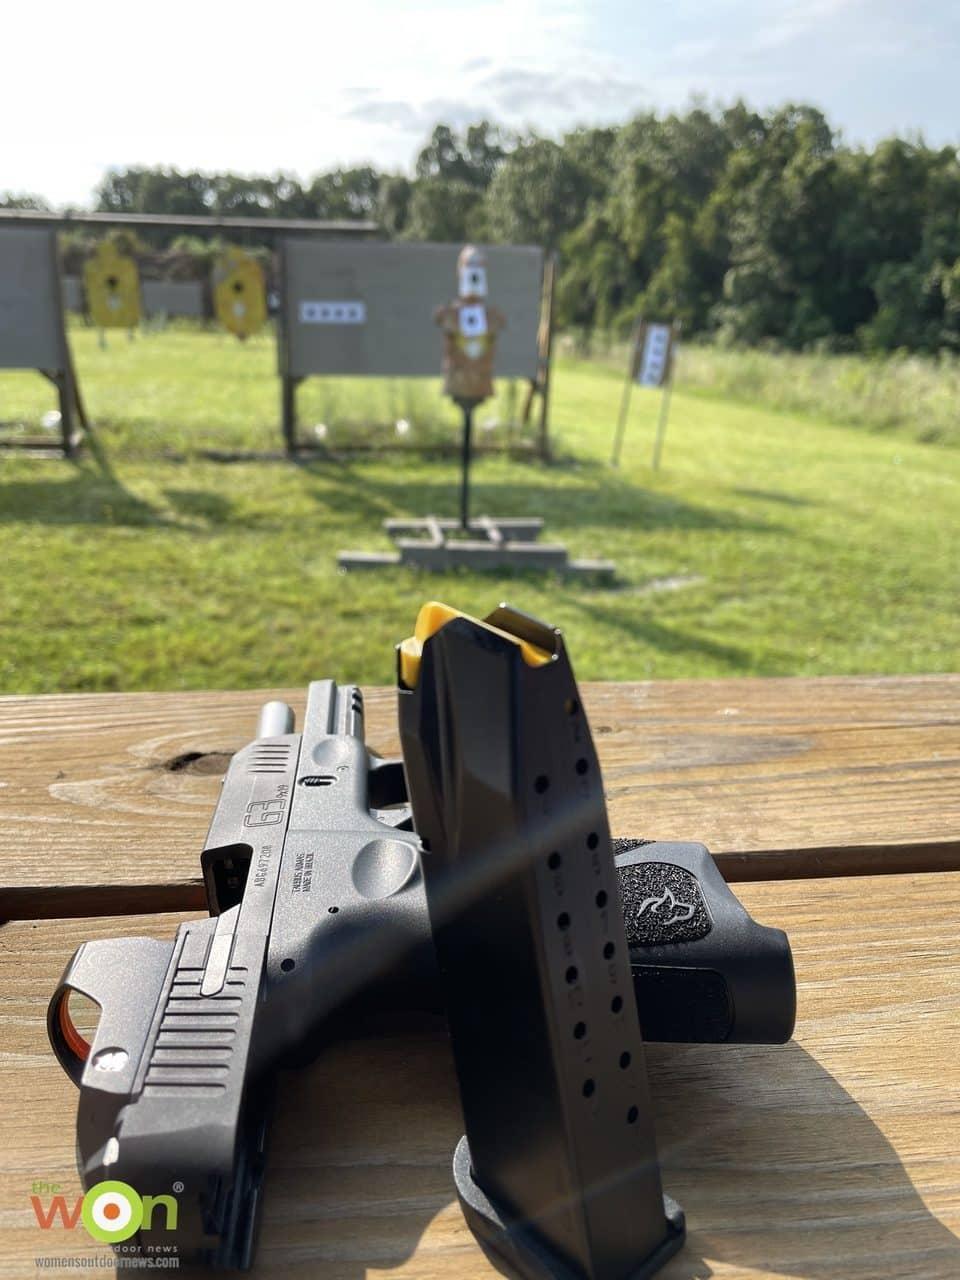 Taurus G3 on range